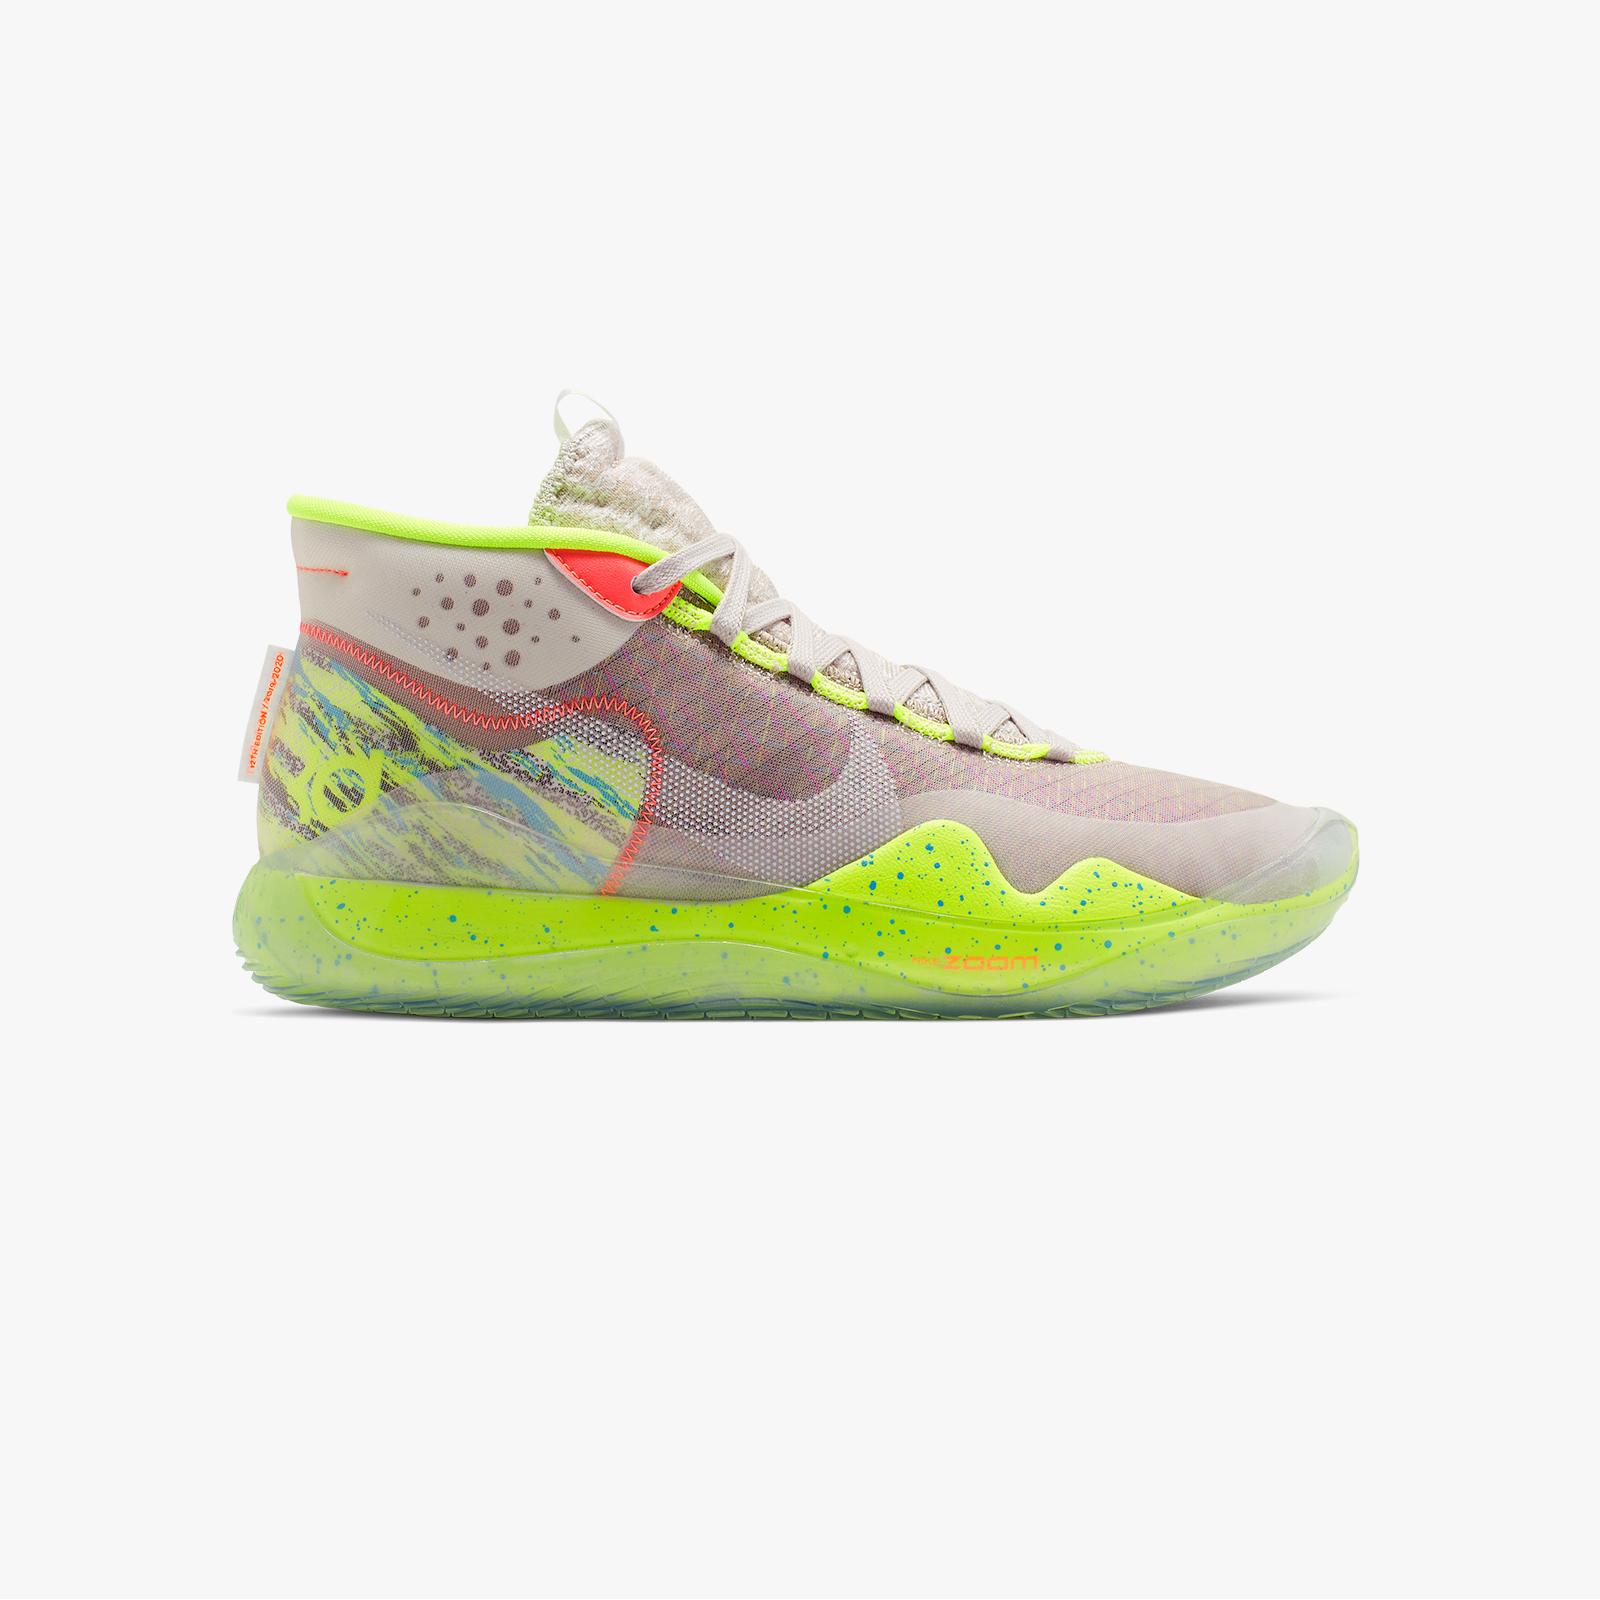 Nike Zoom KD12 - Ar4229-900